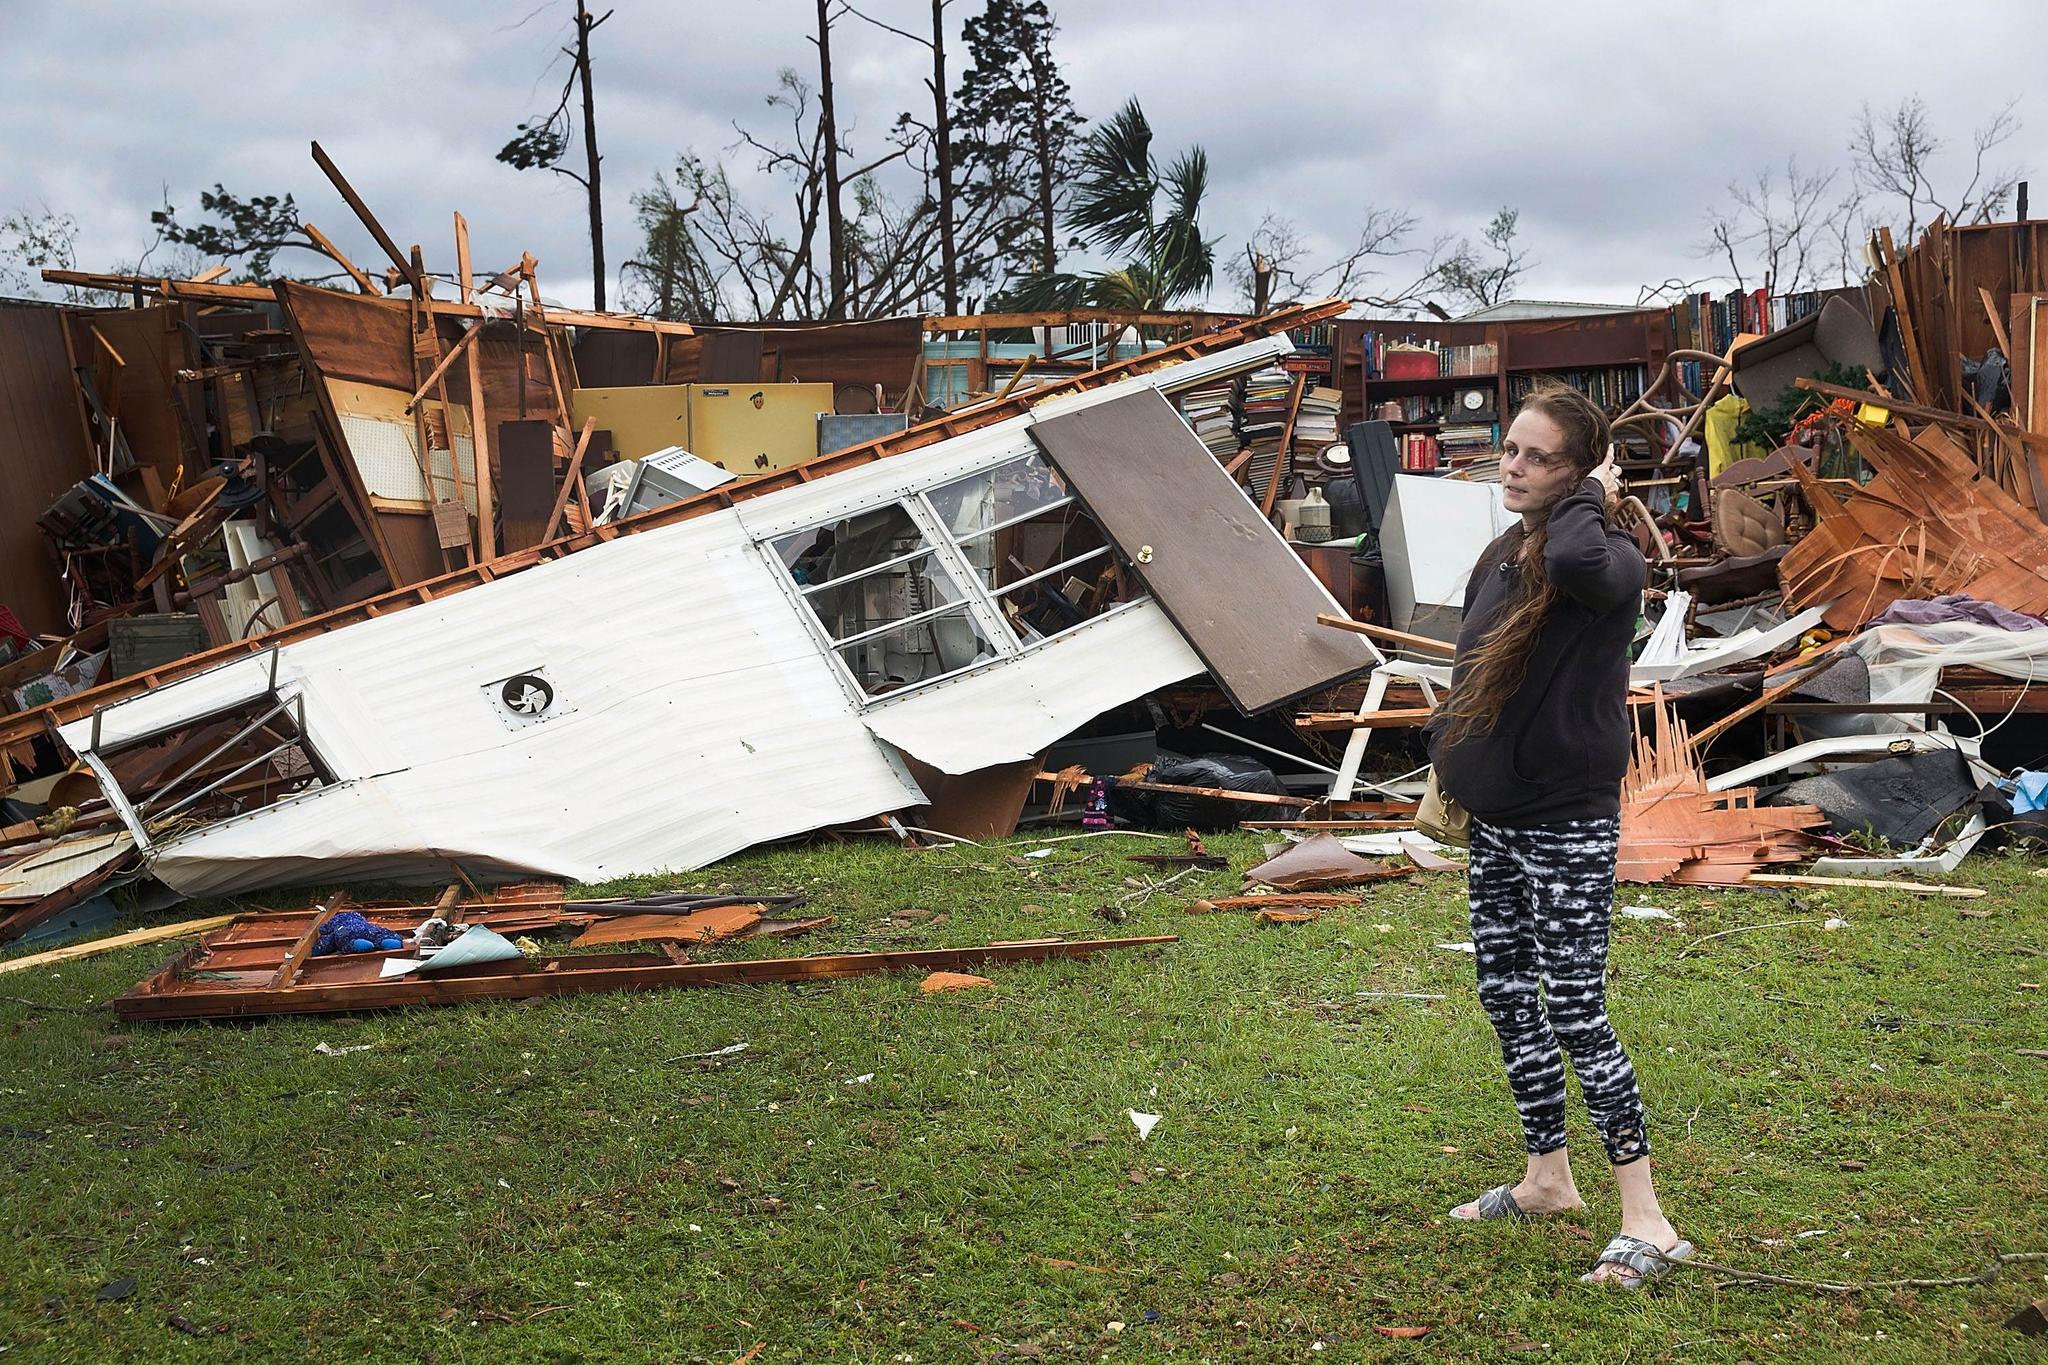 10일(현지시간) 미국 플로리다 주 파나마 시티에서 한 시민이 마이클로 인해 파손된 집 앞에 서 있다. [AFP=연합뉴스]